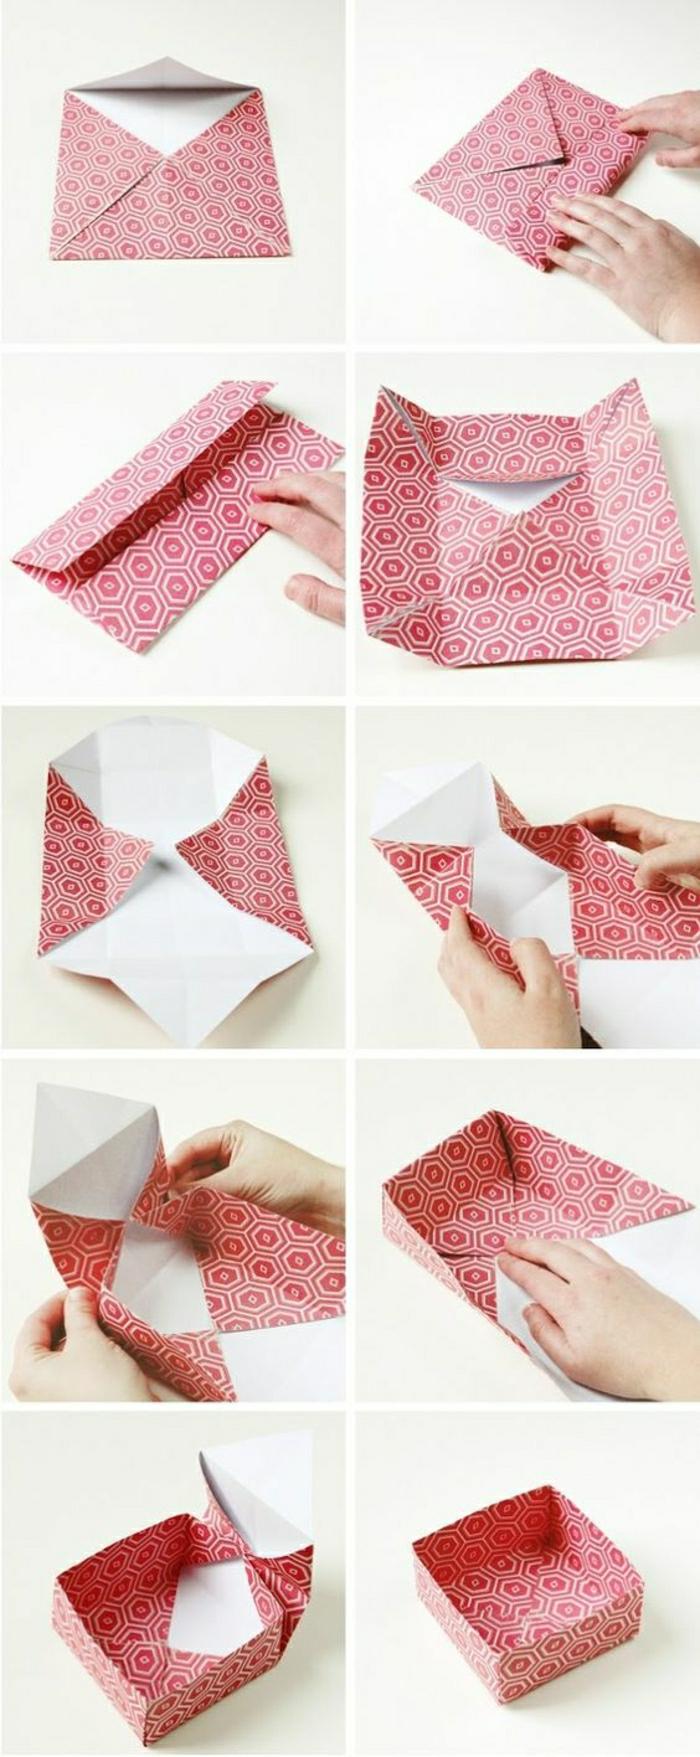 Comment faire un origami 55 id es en photos et vid os - Pliage origami simple ...